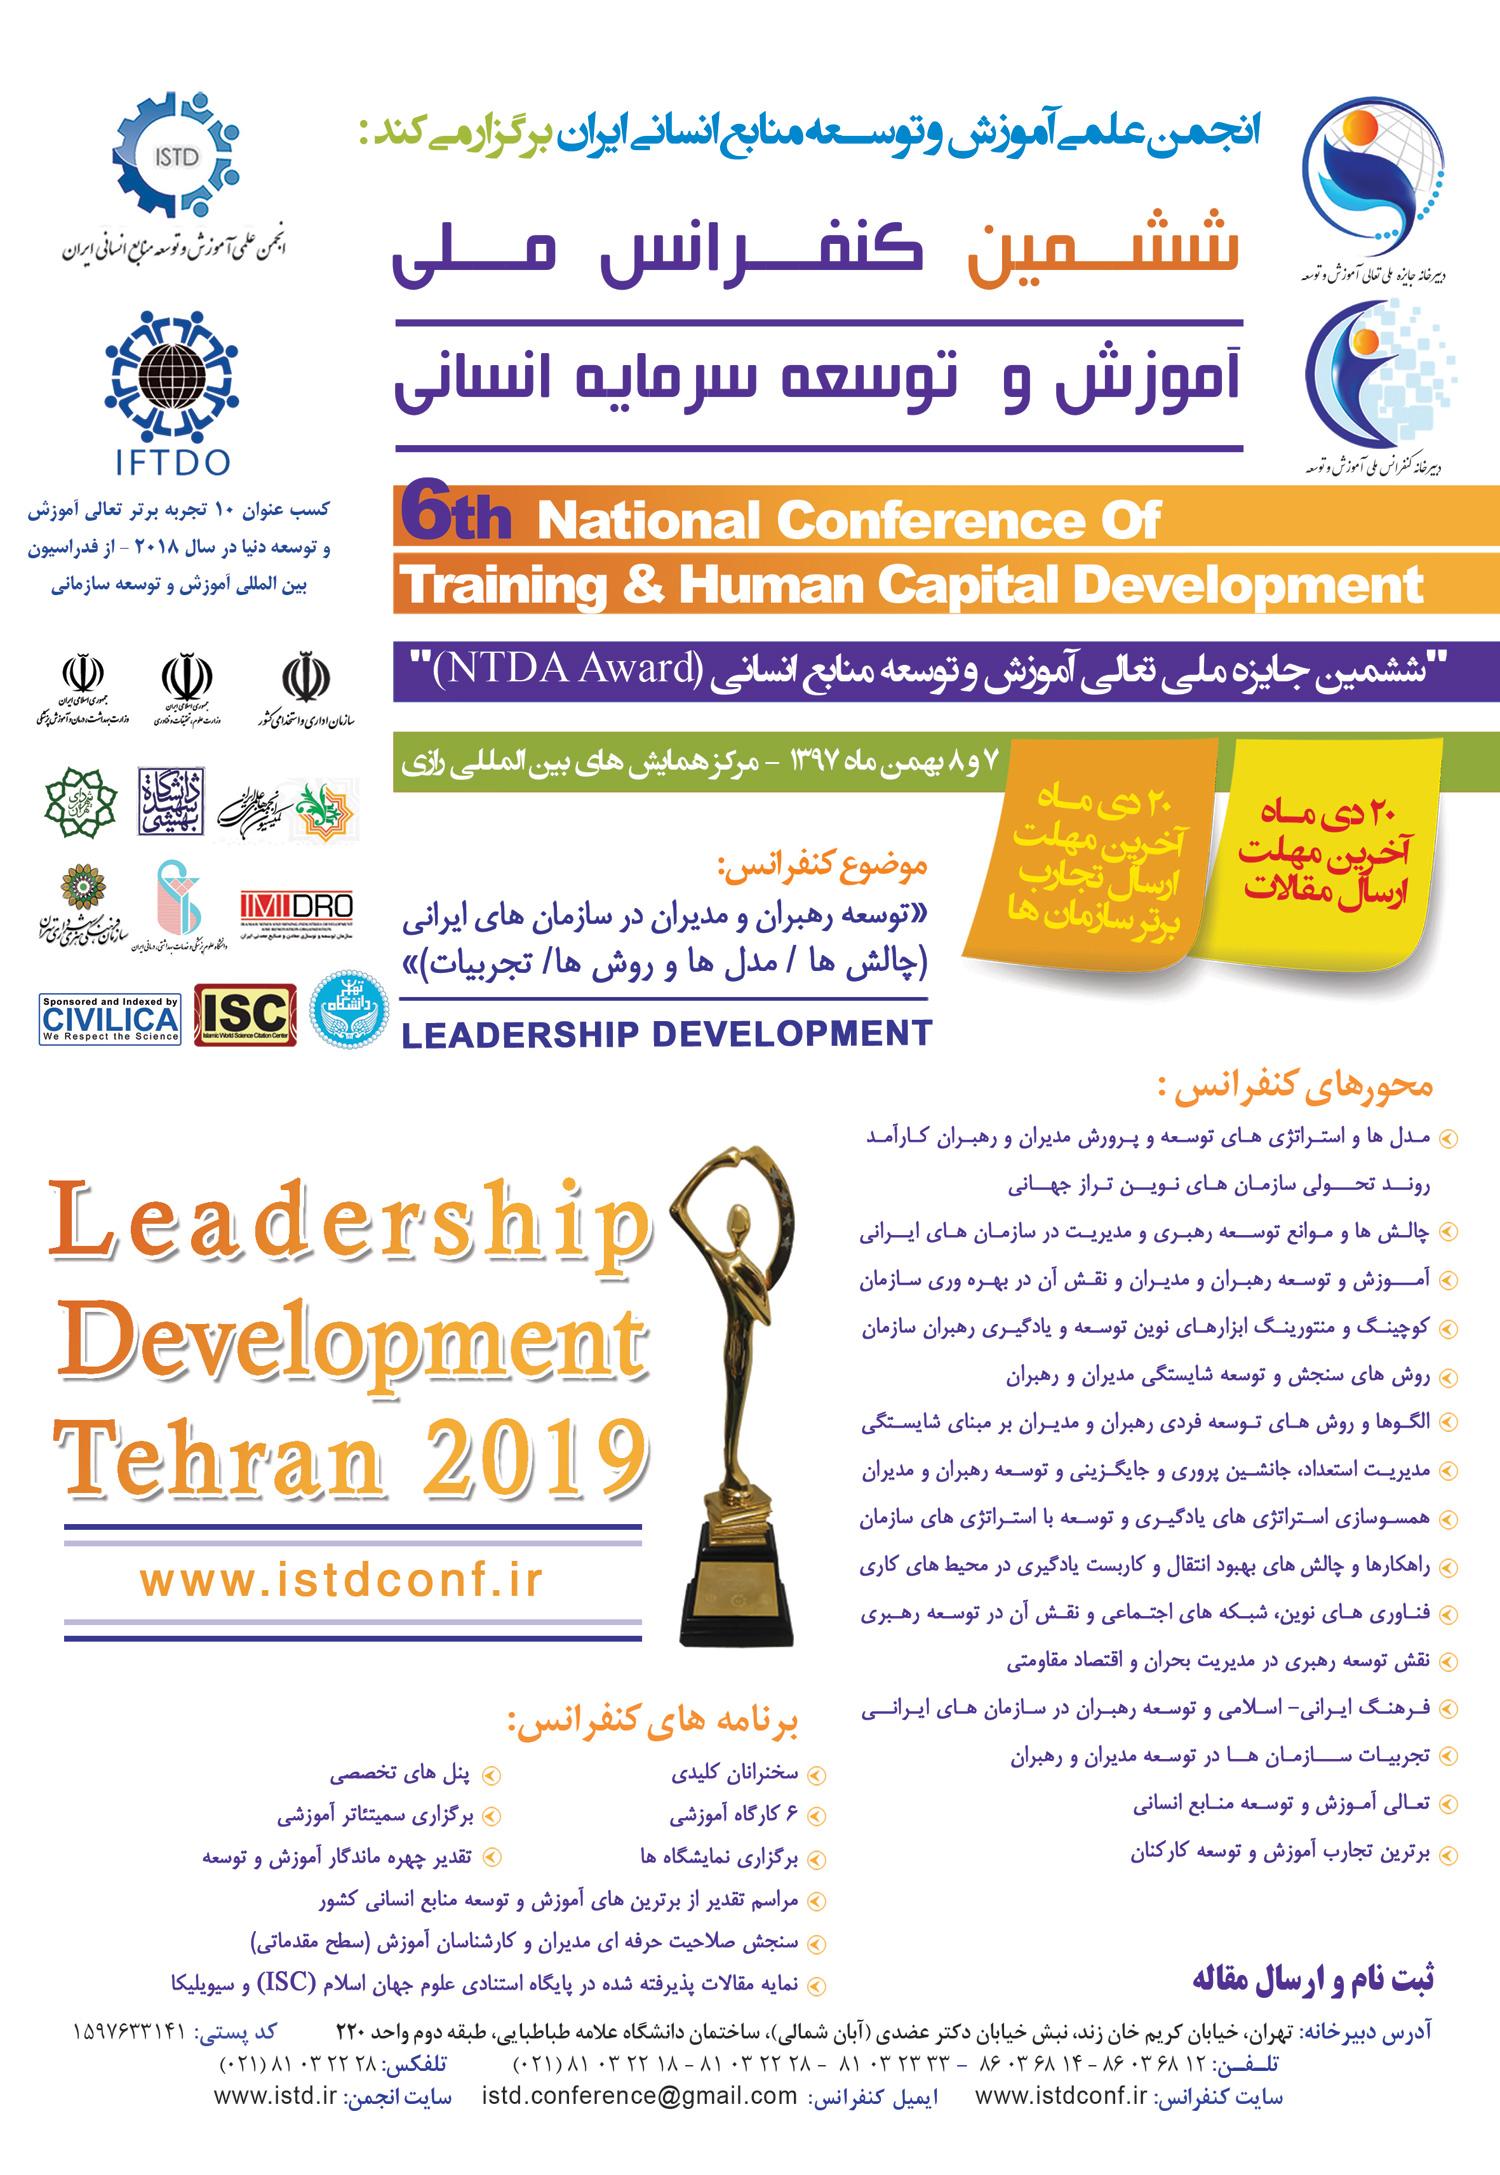 برگزاری ششمین کنفرانس ملی آموزش و توسعه سرمایه انسانی ۷ و ۸ بهمن ماه سال ۱۳۹۷  توسط انجمن آموزش و توسعه منابع انسانی